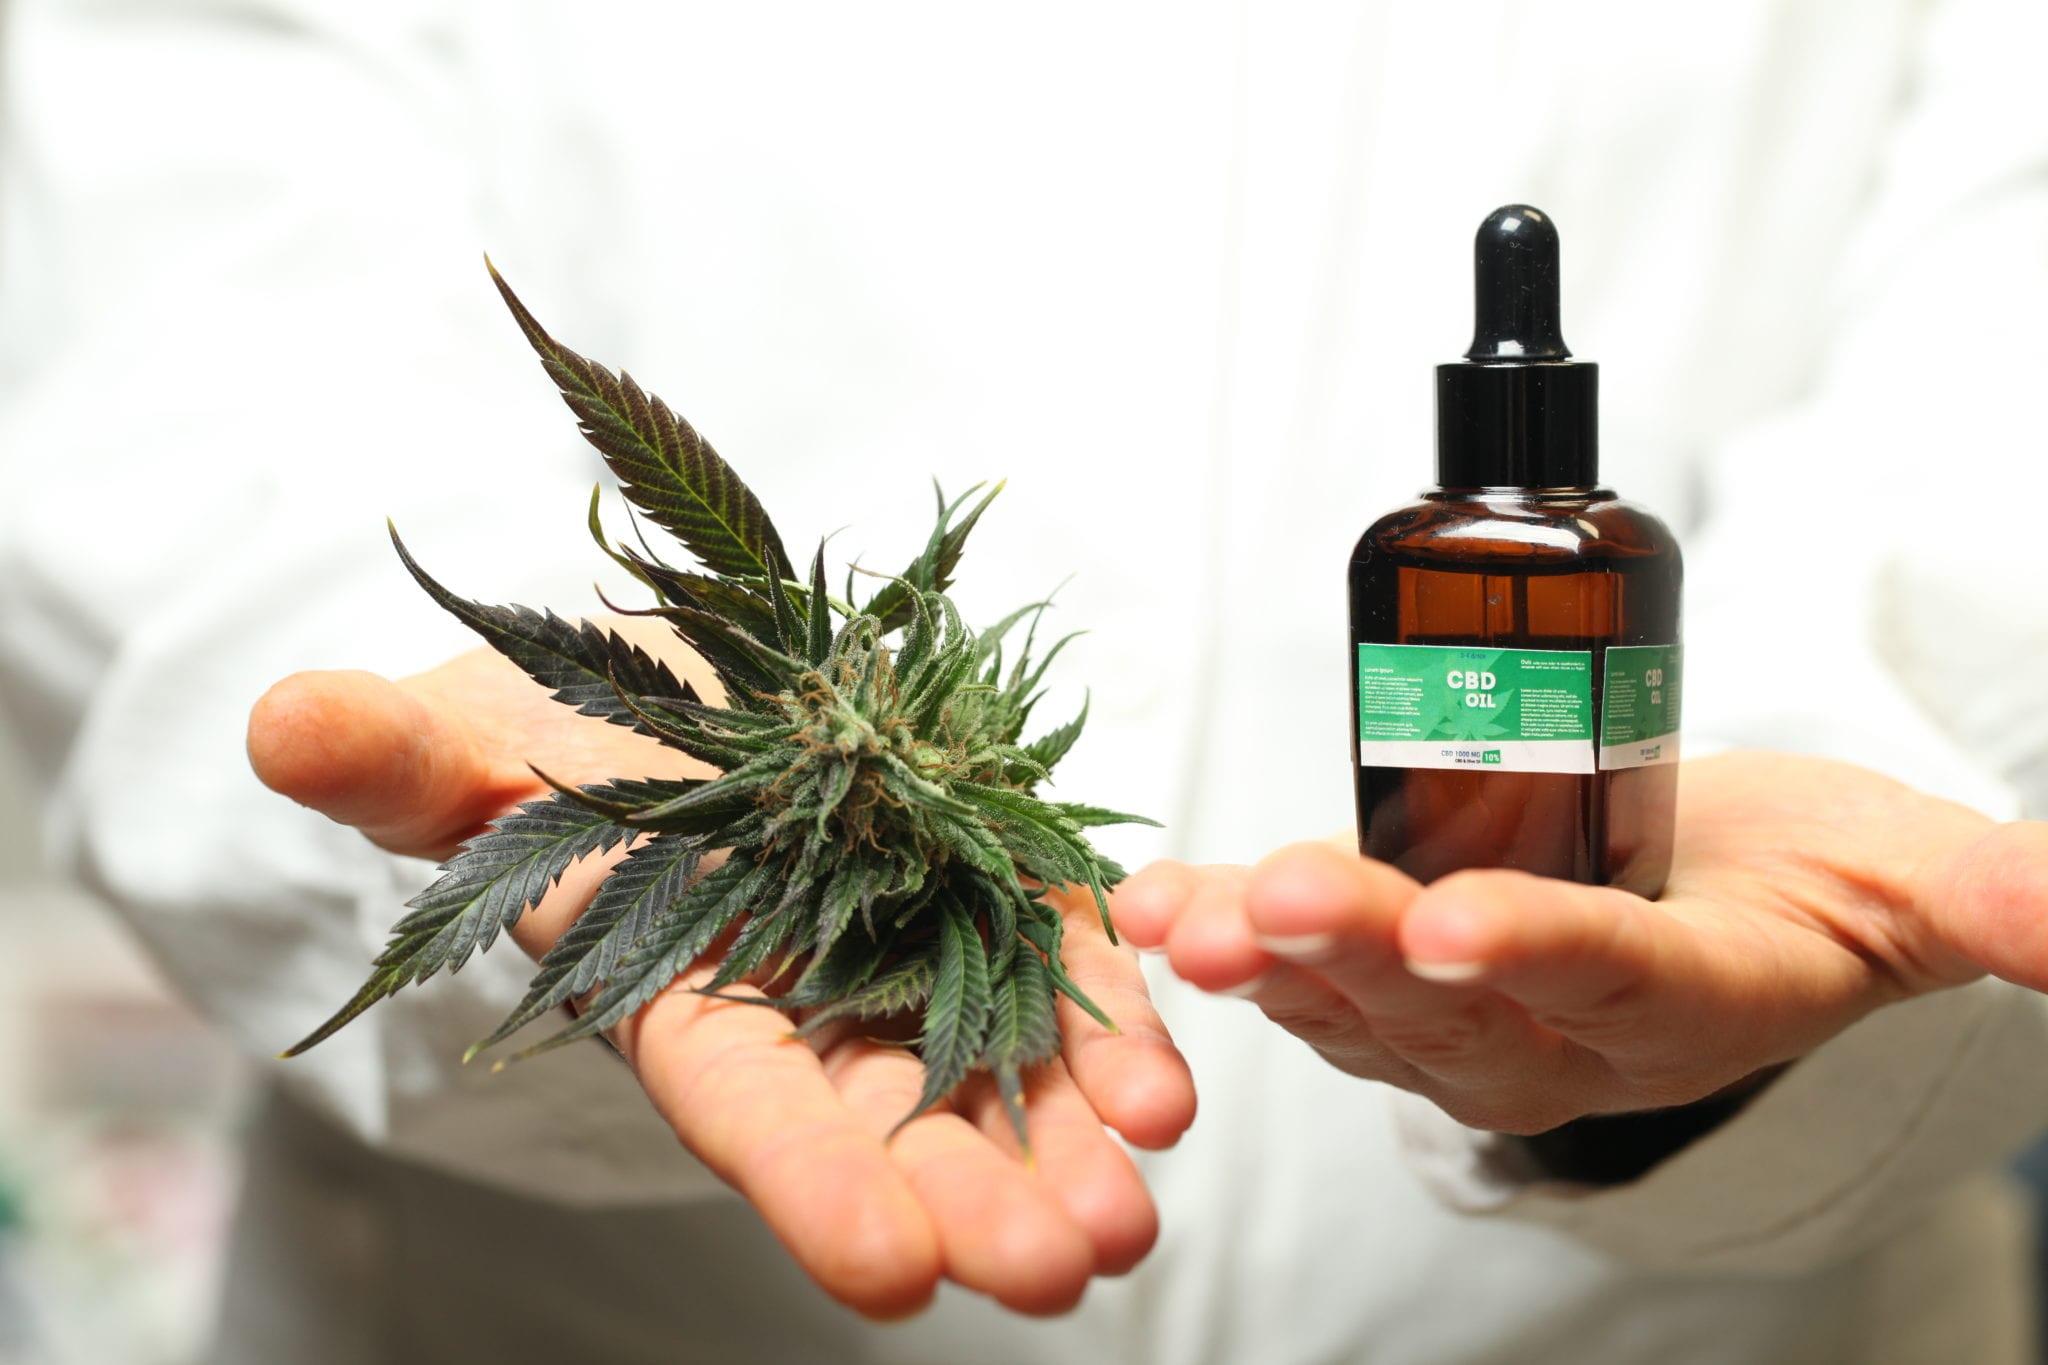 Cannabis to treat pain ASA survey